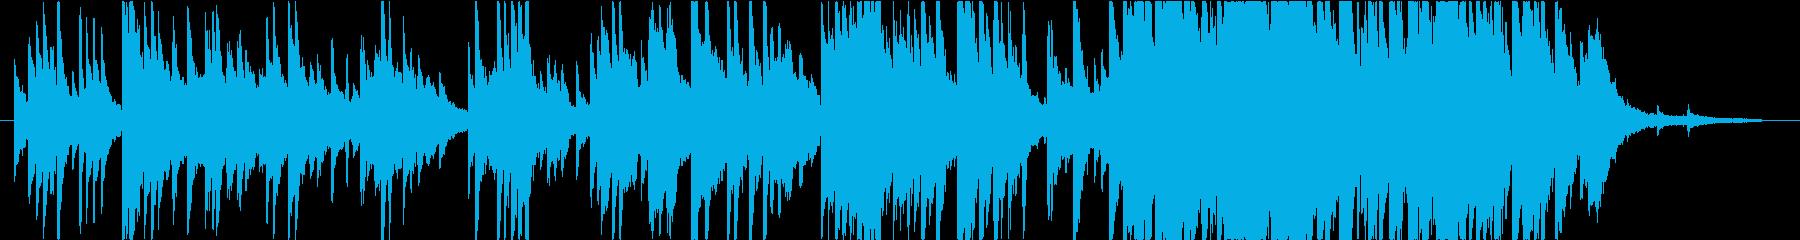 ピアノソロ曲の再生済みの波形